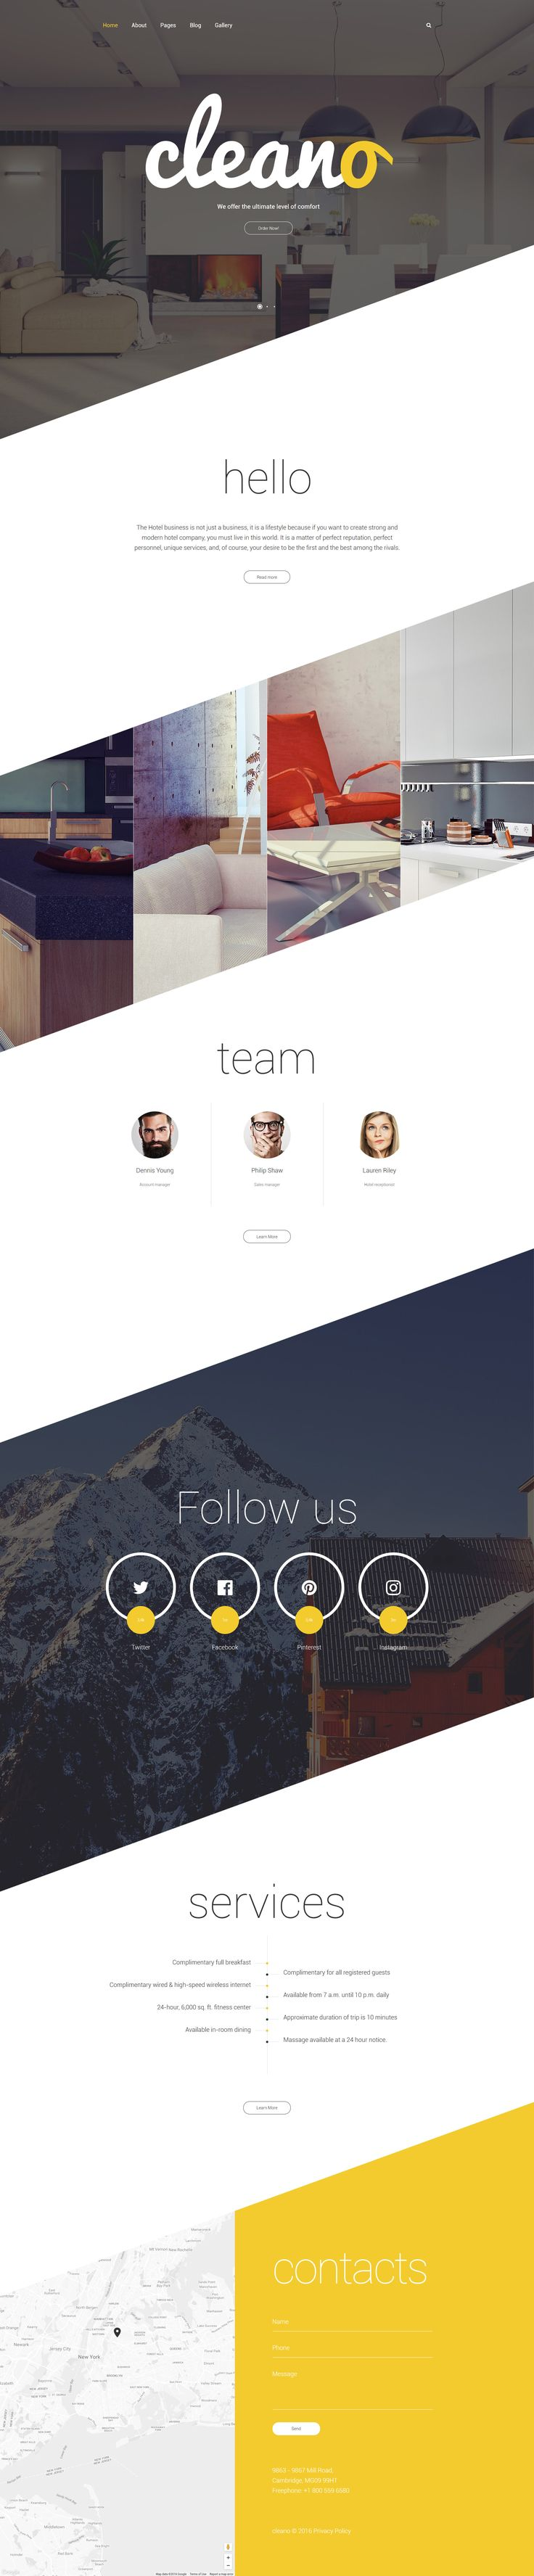 63 best 디자인 images on Pinterest | Website designs, Design web and ...